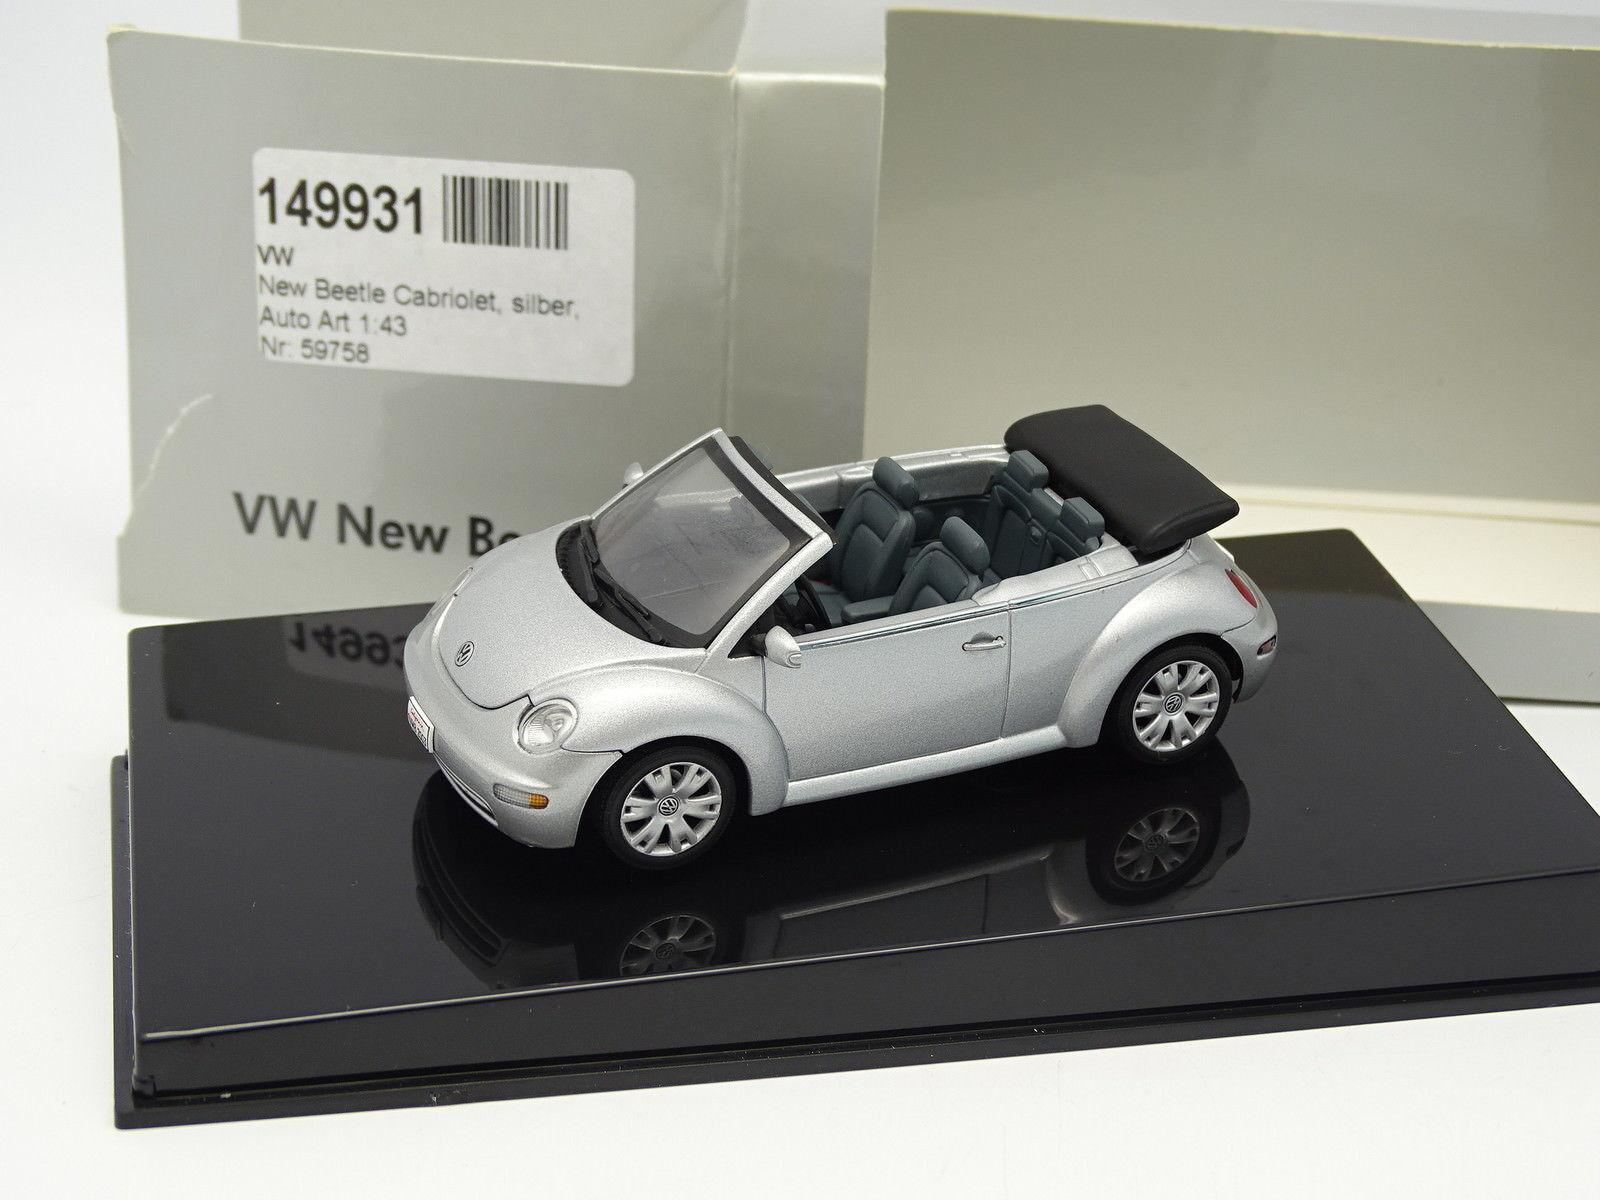 entrega de rayos Auto Auto Auto Art 1 43- VW Beetle Cabriolet plata  barato y de alta calidad